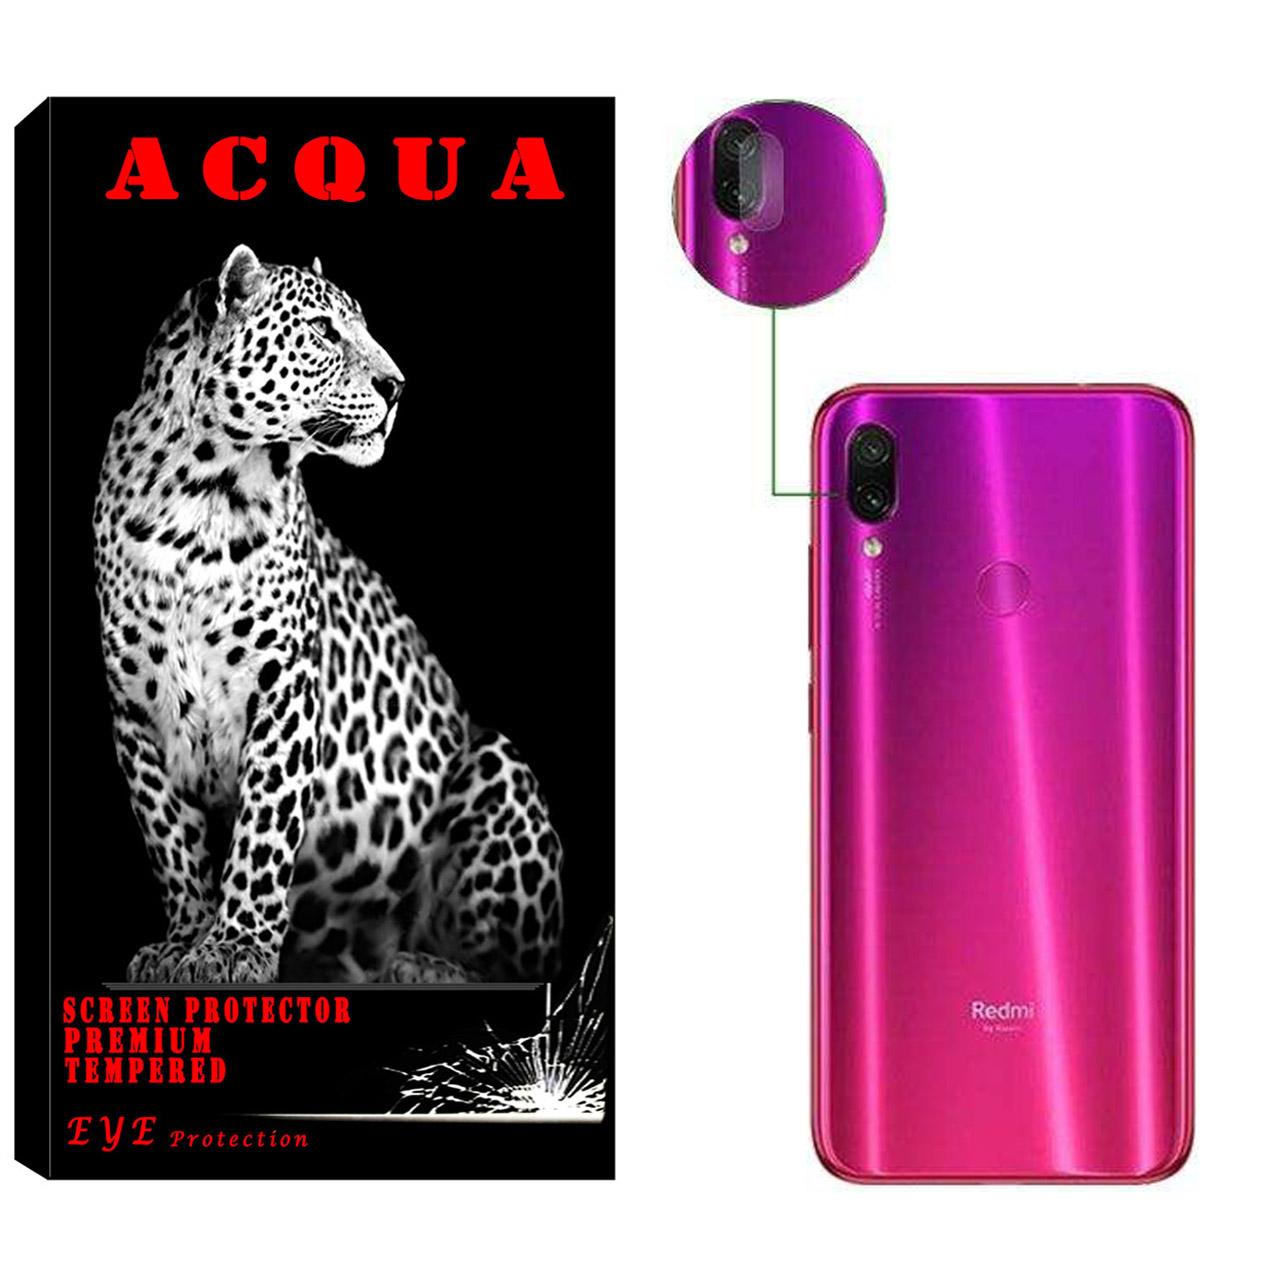 محافظ لنز دوربین آکوا مدل LN مناسب برای گوشی موبایل شیائومی Redmi Note 7 / Redmi Note 7 Pro